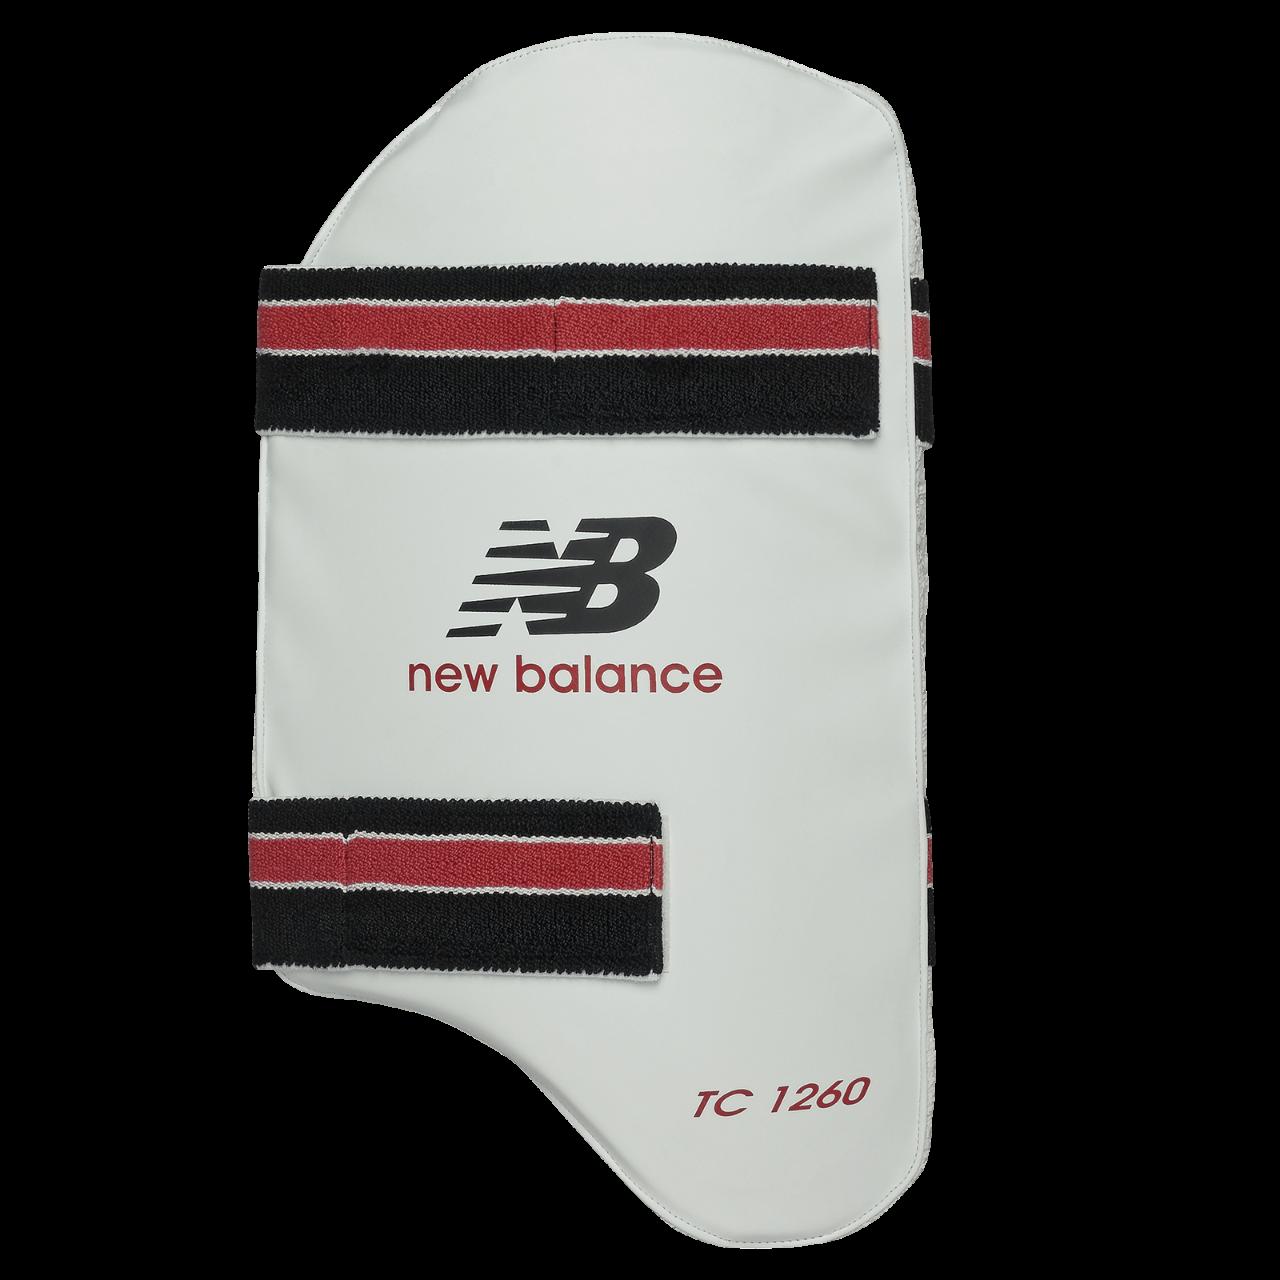 2020 New Balance TC 1260 Thigh Guard